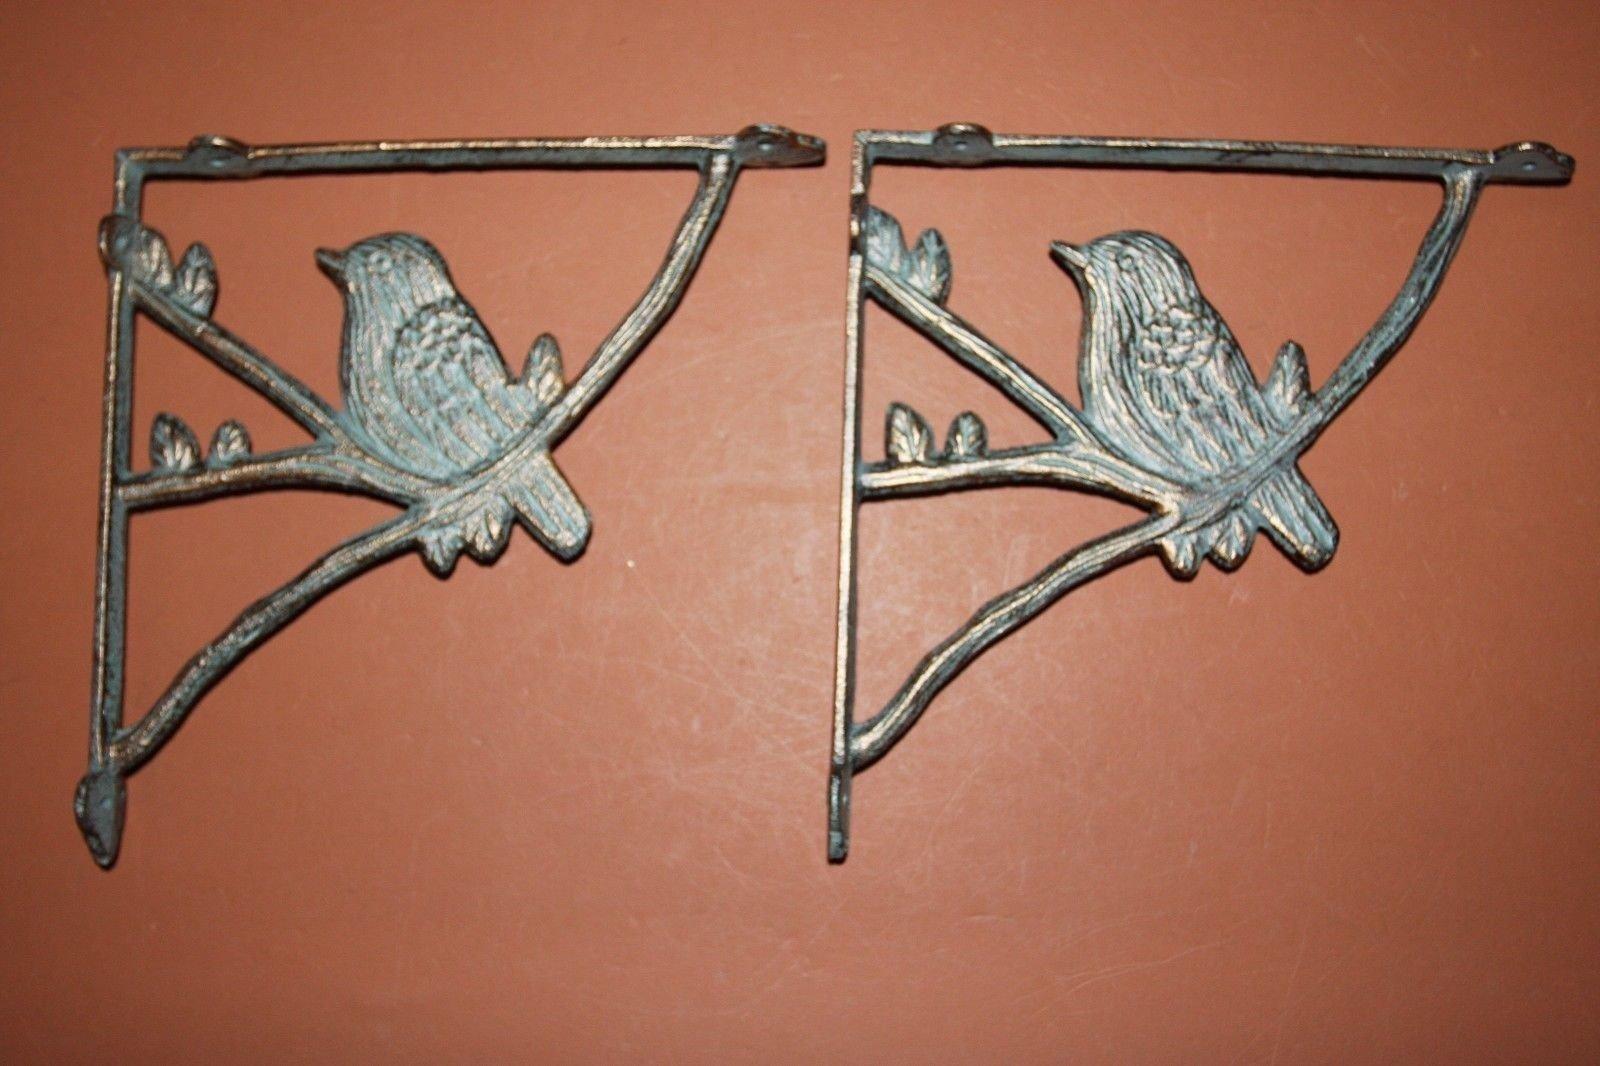 (7) Bronze-look Bird Shelf Brackets, Cast Iron, Corbels, Country Bird Decor,B-44 by Dapeshop